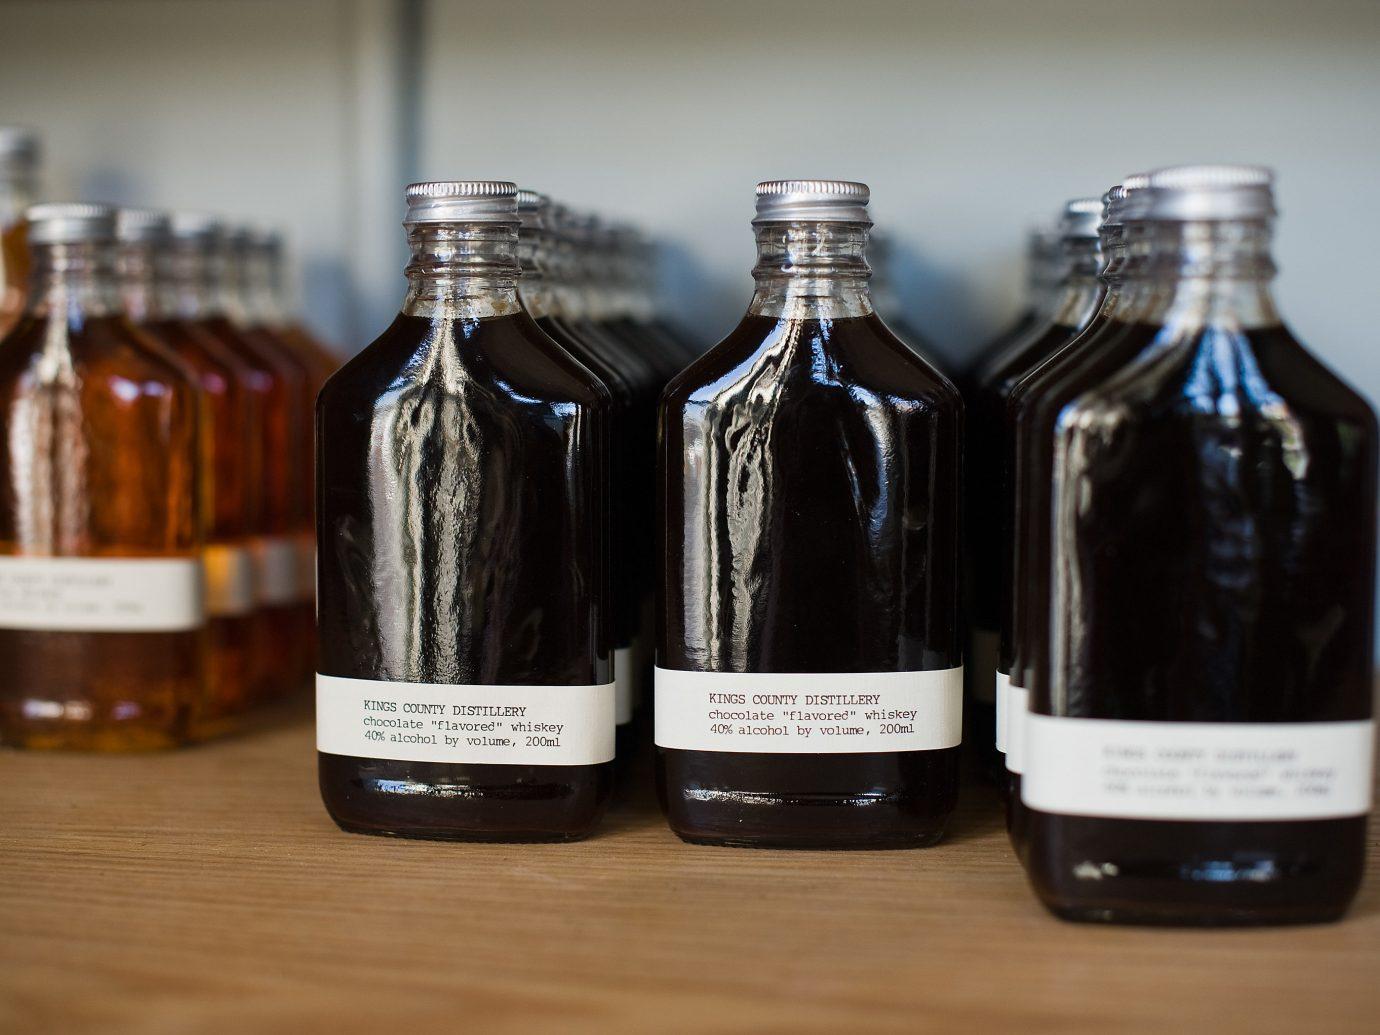 Brooklyn Food + Drink liqueur product whisky bottle Drink alcoholic beverage glass bottle drinkware distilled beverage alcohol beverage